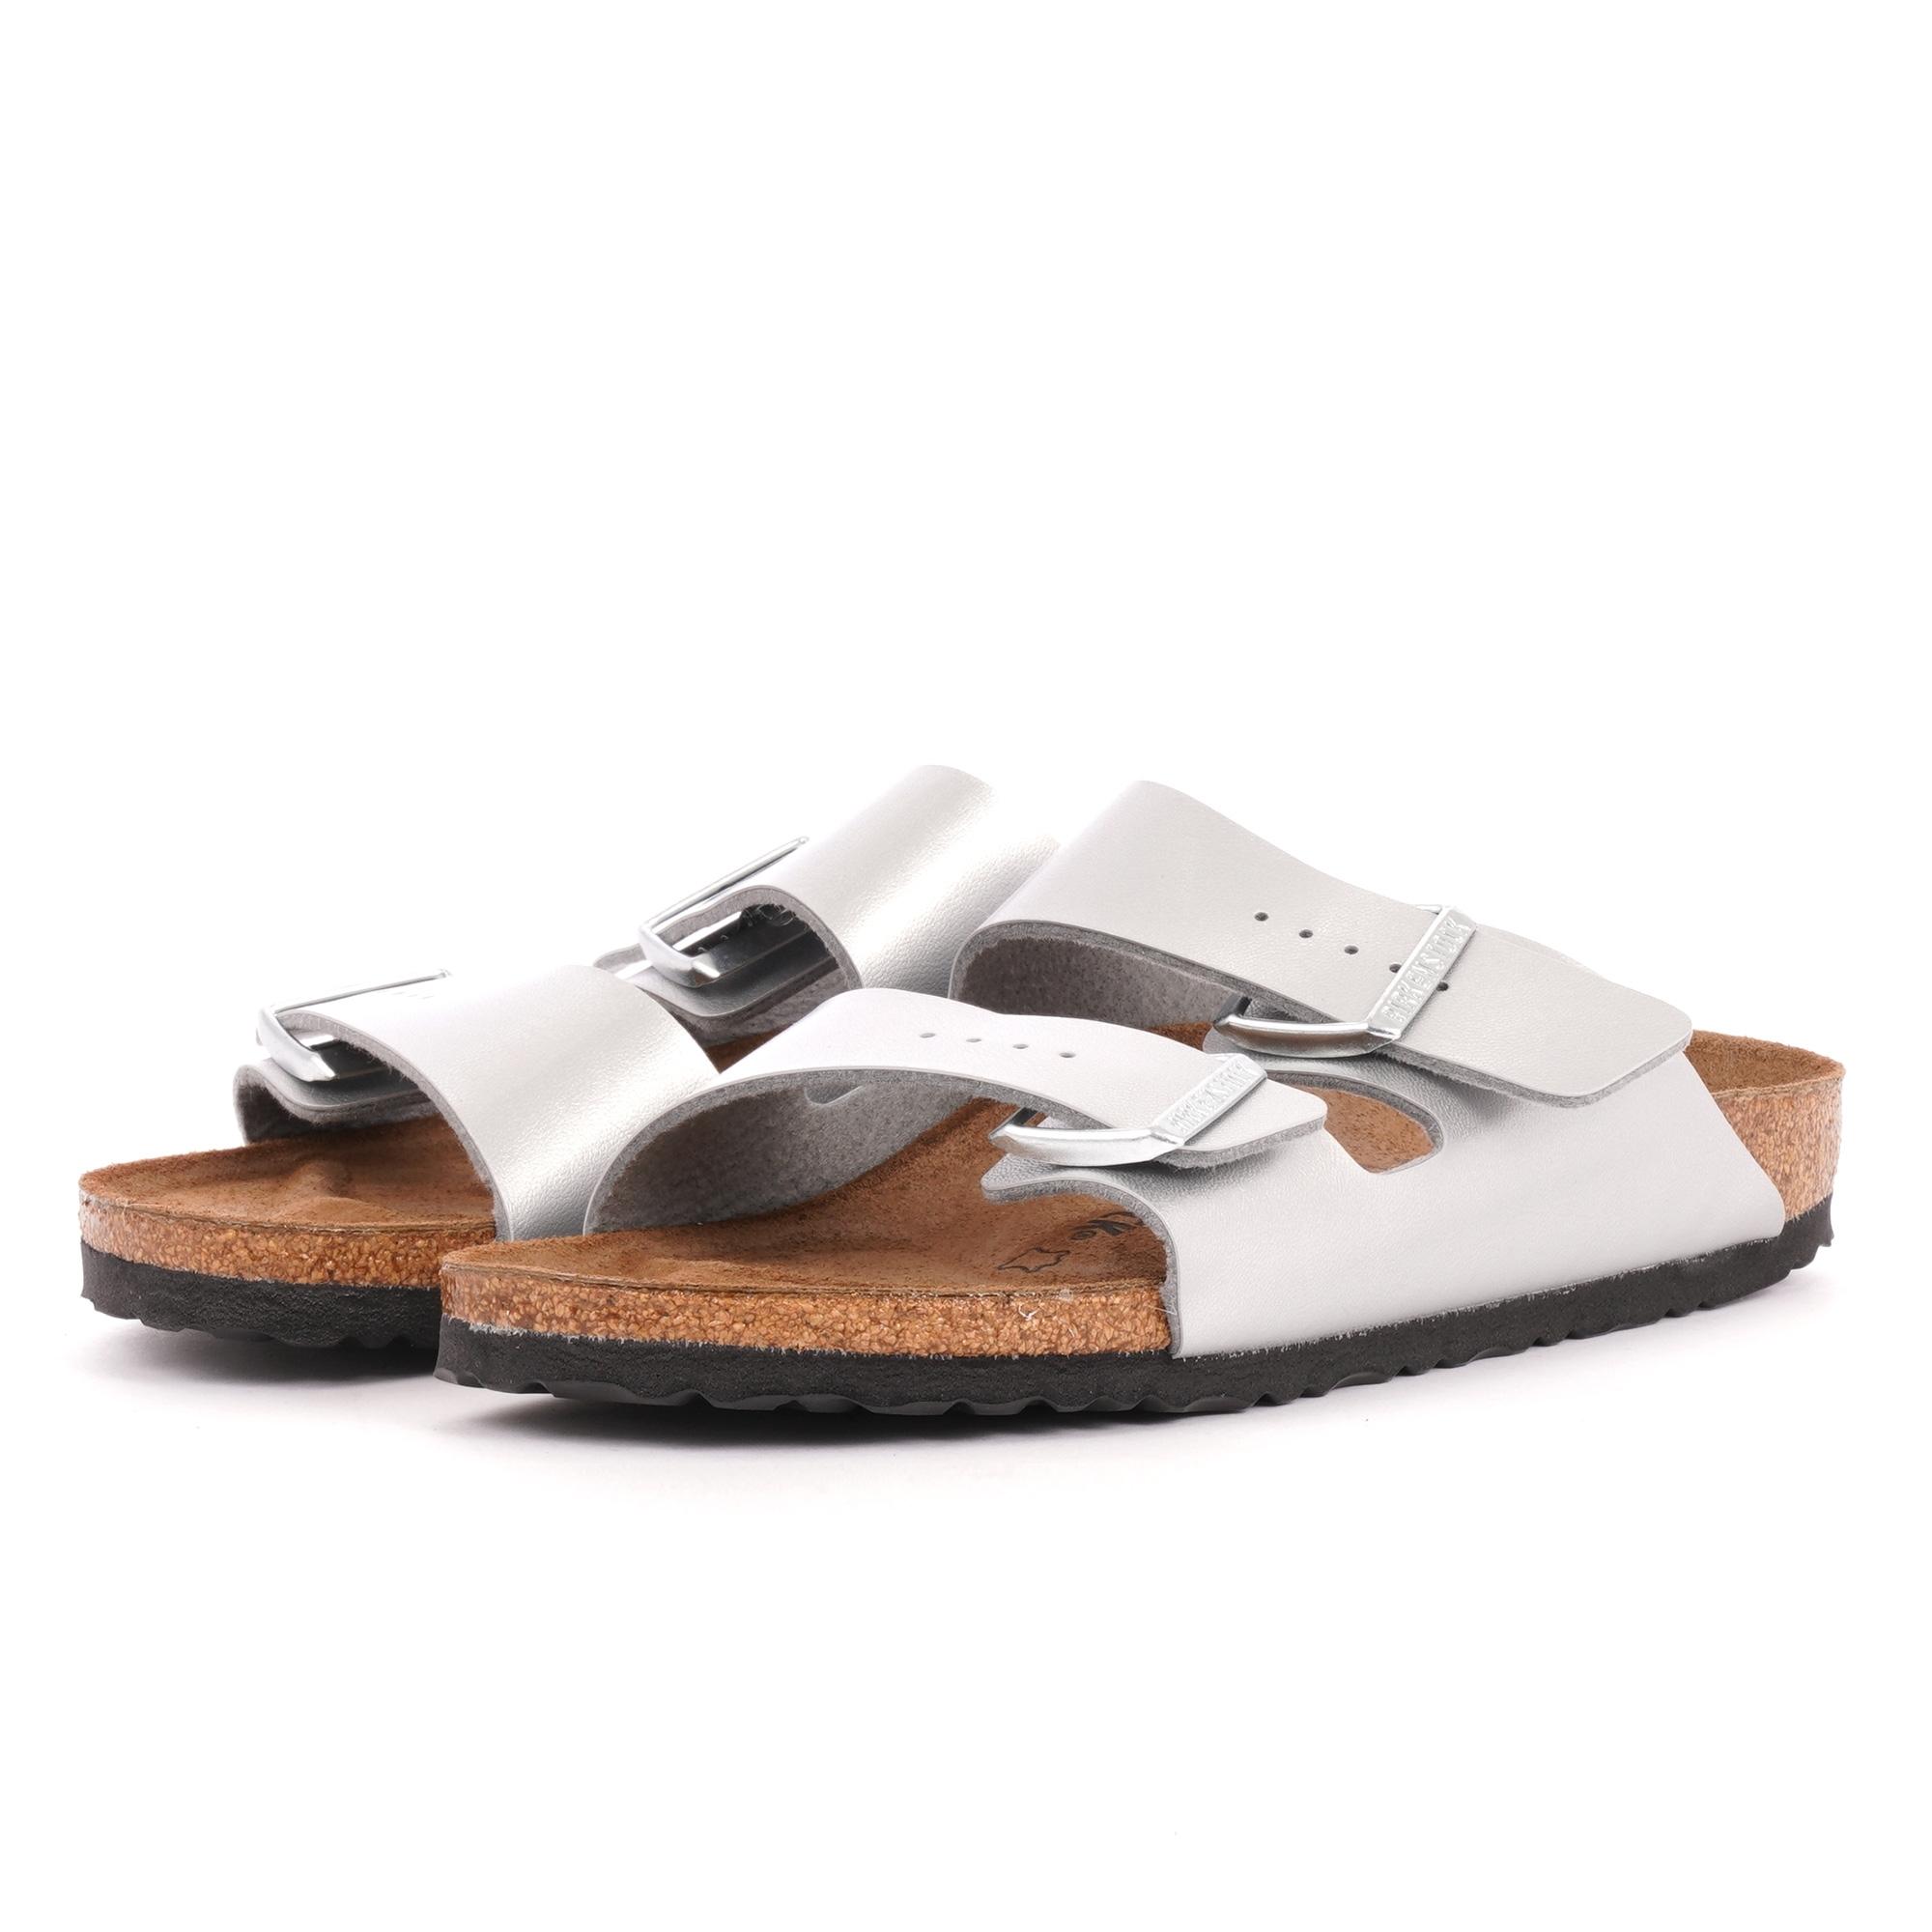 07d98003e4f59e Birkenstock Womens Arizona Sandals